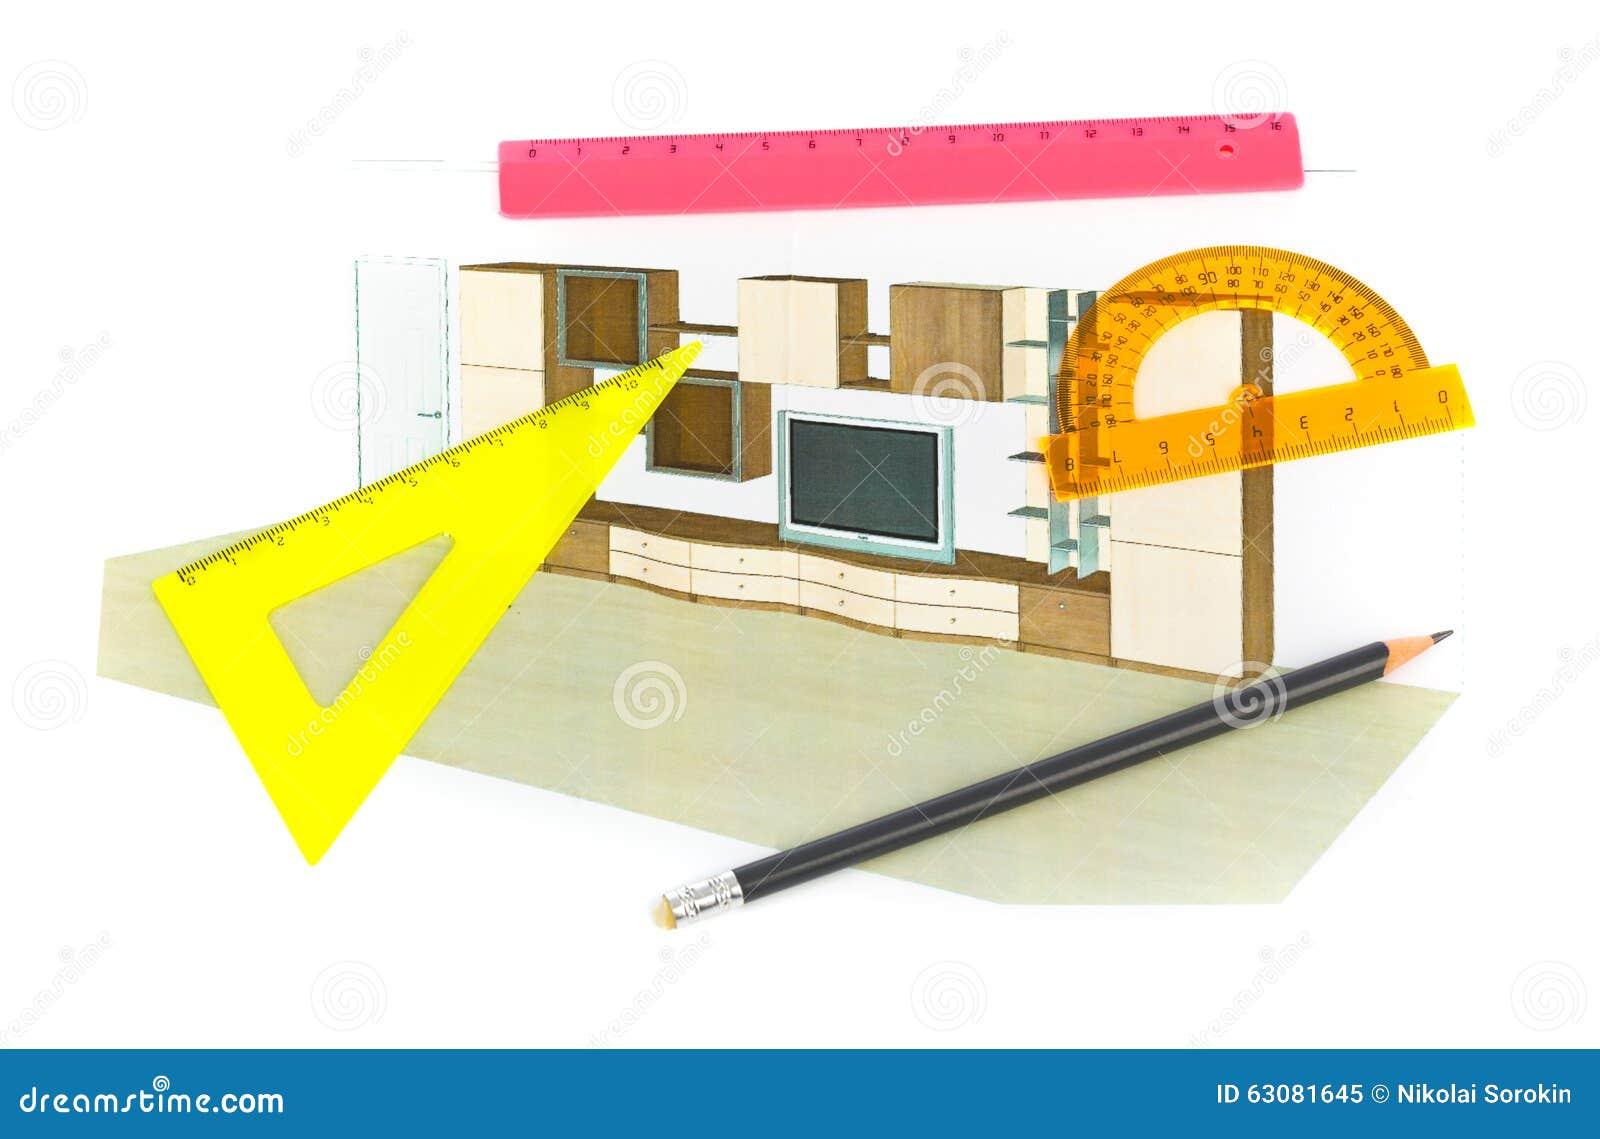 Download Projet de salon image stock. Image du vivre, créativité - 63081645